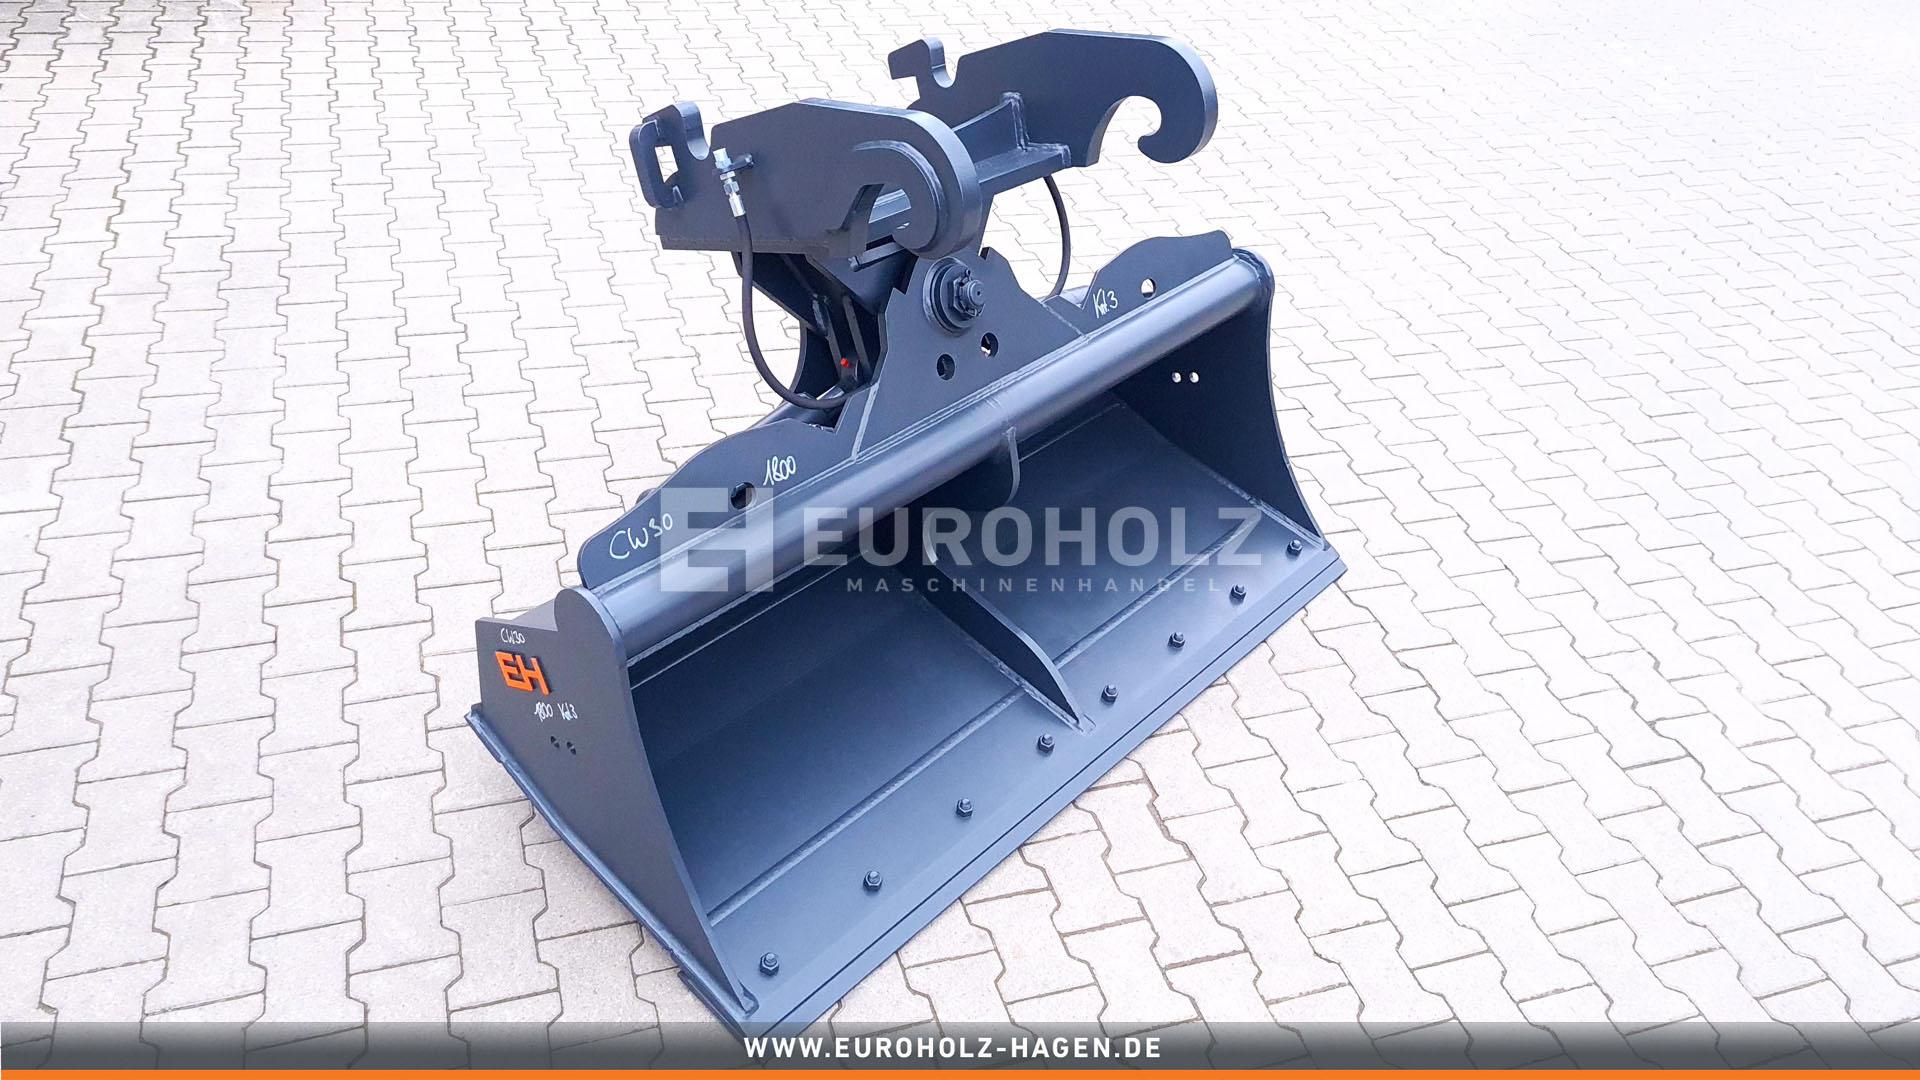 Hydraulischer Grabenräumlöffel passend für Verachtert CW30 / 1800 mm / Kat. 3G / mit Unterschraub-Wendemesser Hydraulic ditch cleaning bucket suitable for Verachtert CW30 / 1800 mm / cat. 3G / with bolt-on cutting edge